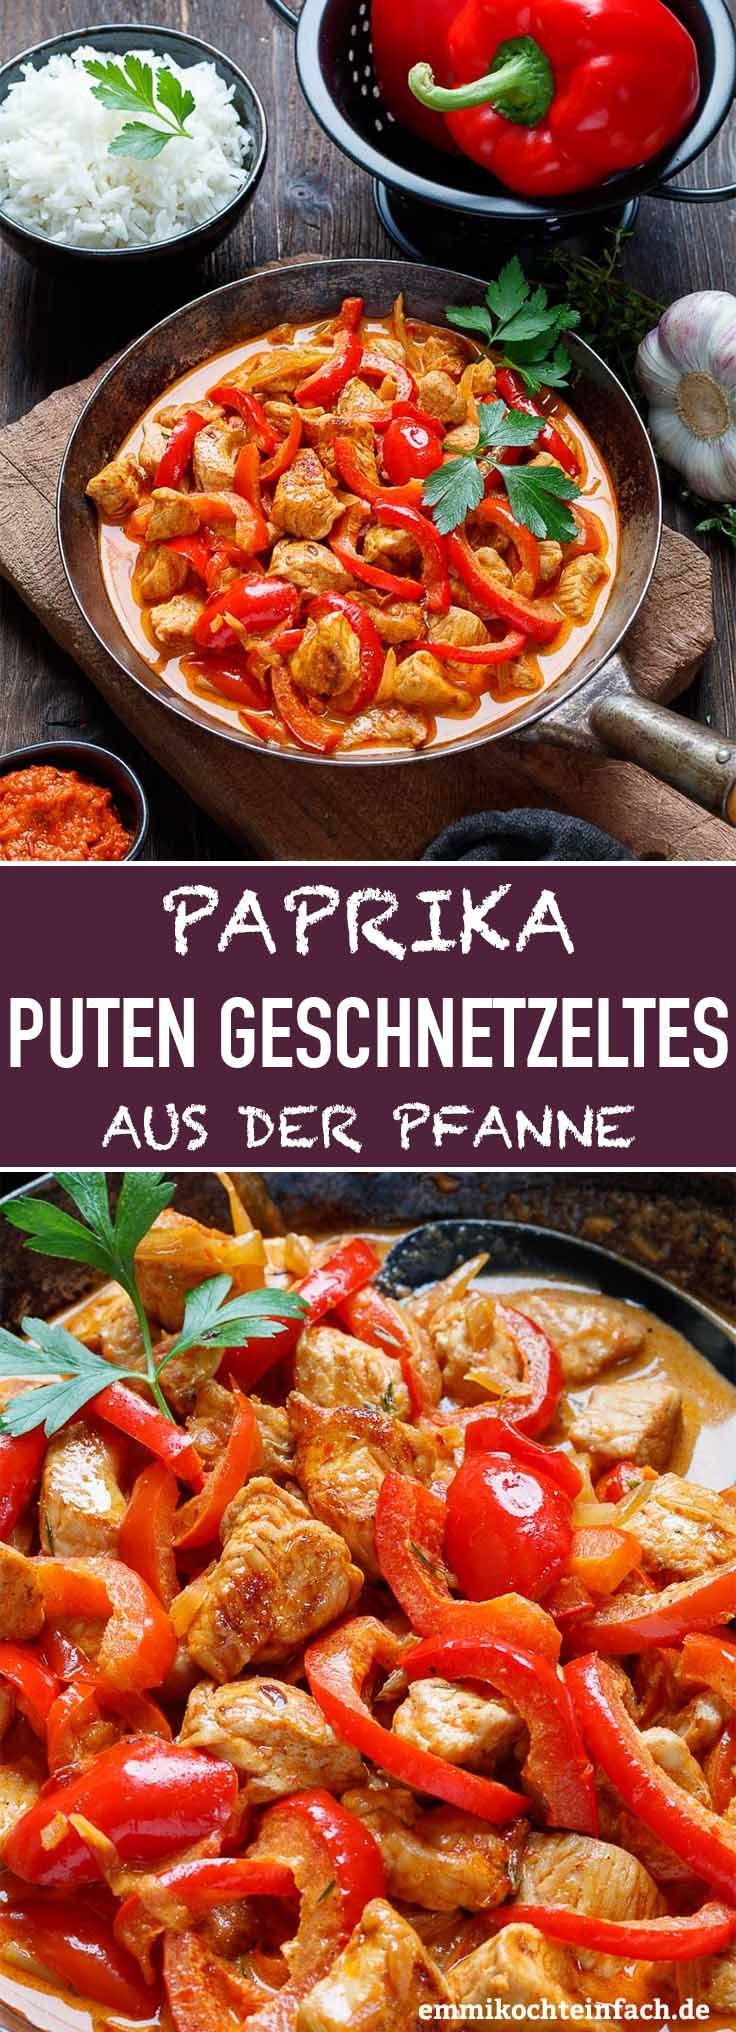 Paprika Putengeschnetzeltes aus der Pfanne - emmikochteinfach